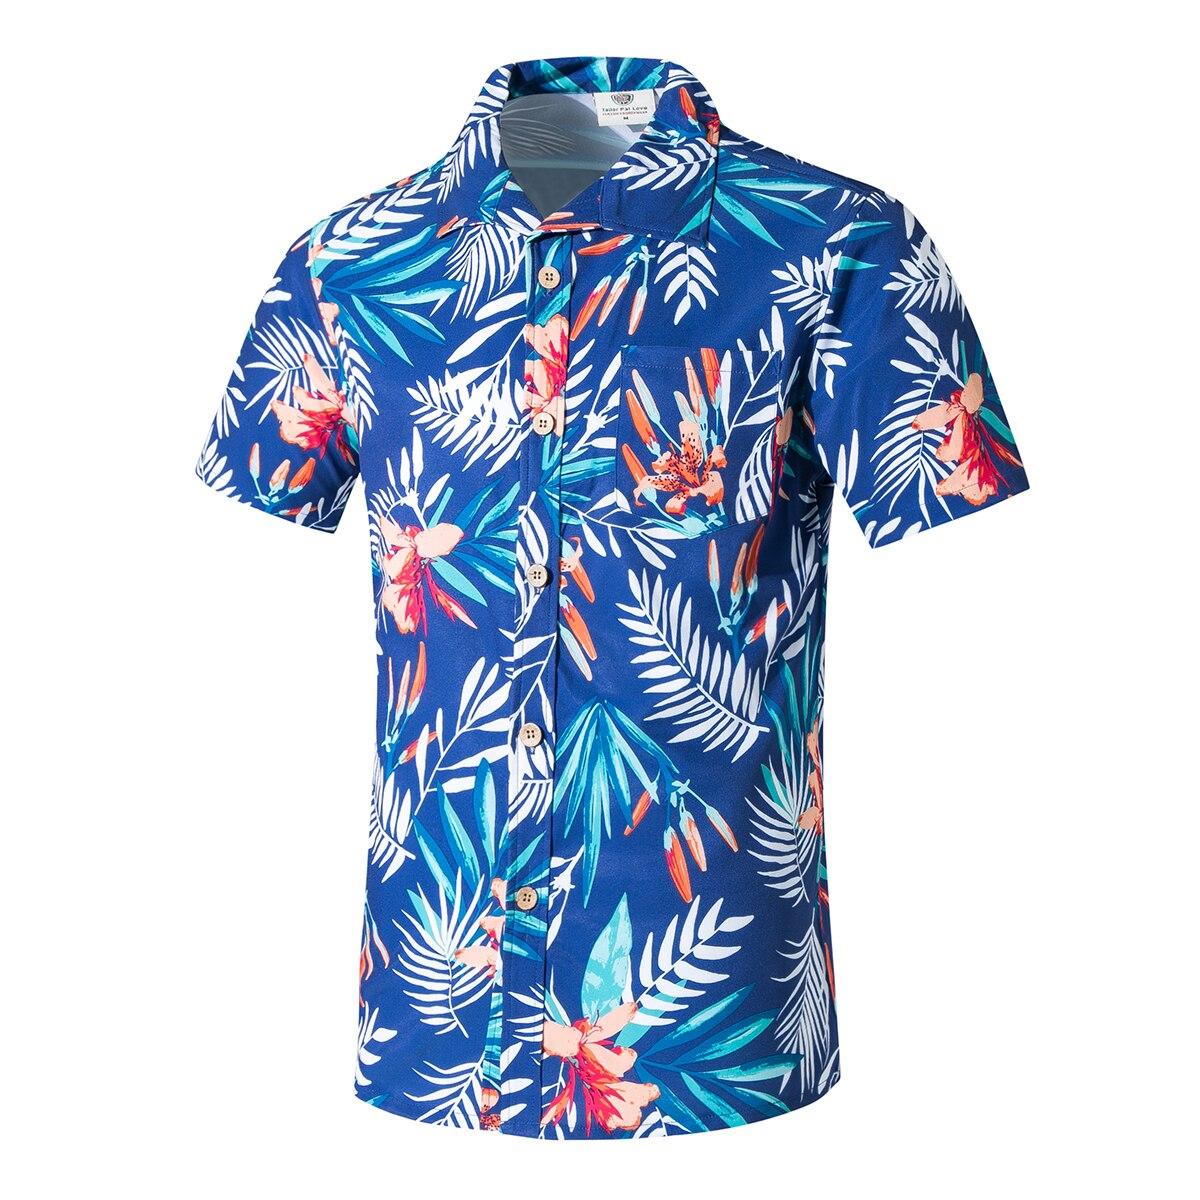 Camisas dos Homens Praia Havaiana Casuais Streetwear Novo Verão Hawaii Férias Camisas Masculinas Manga Curta Chemise 2020